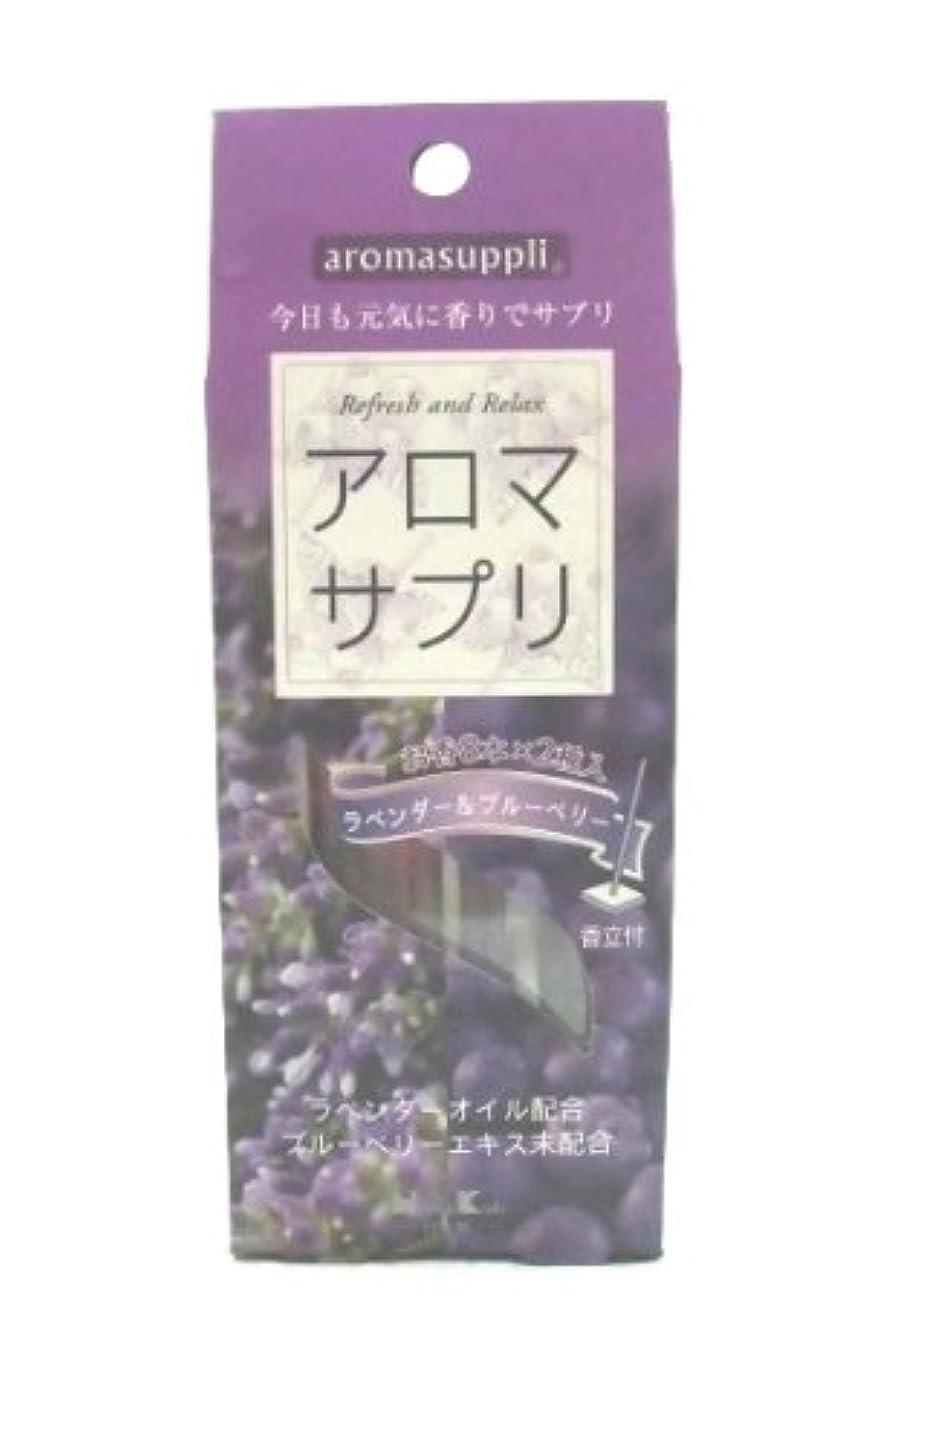 驚かすアピール勇気のあるお香 アロマサプリ<ラベンダー&ブルーベリー> 2種類の香り× 各8本入 香立付